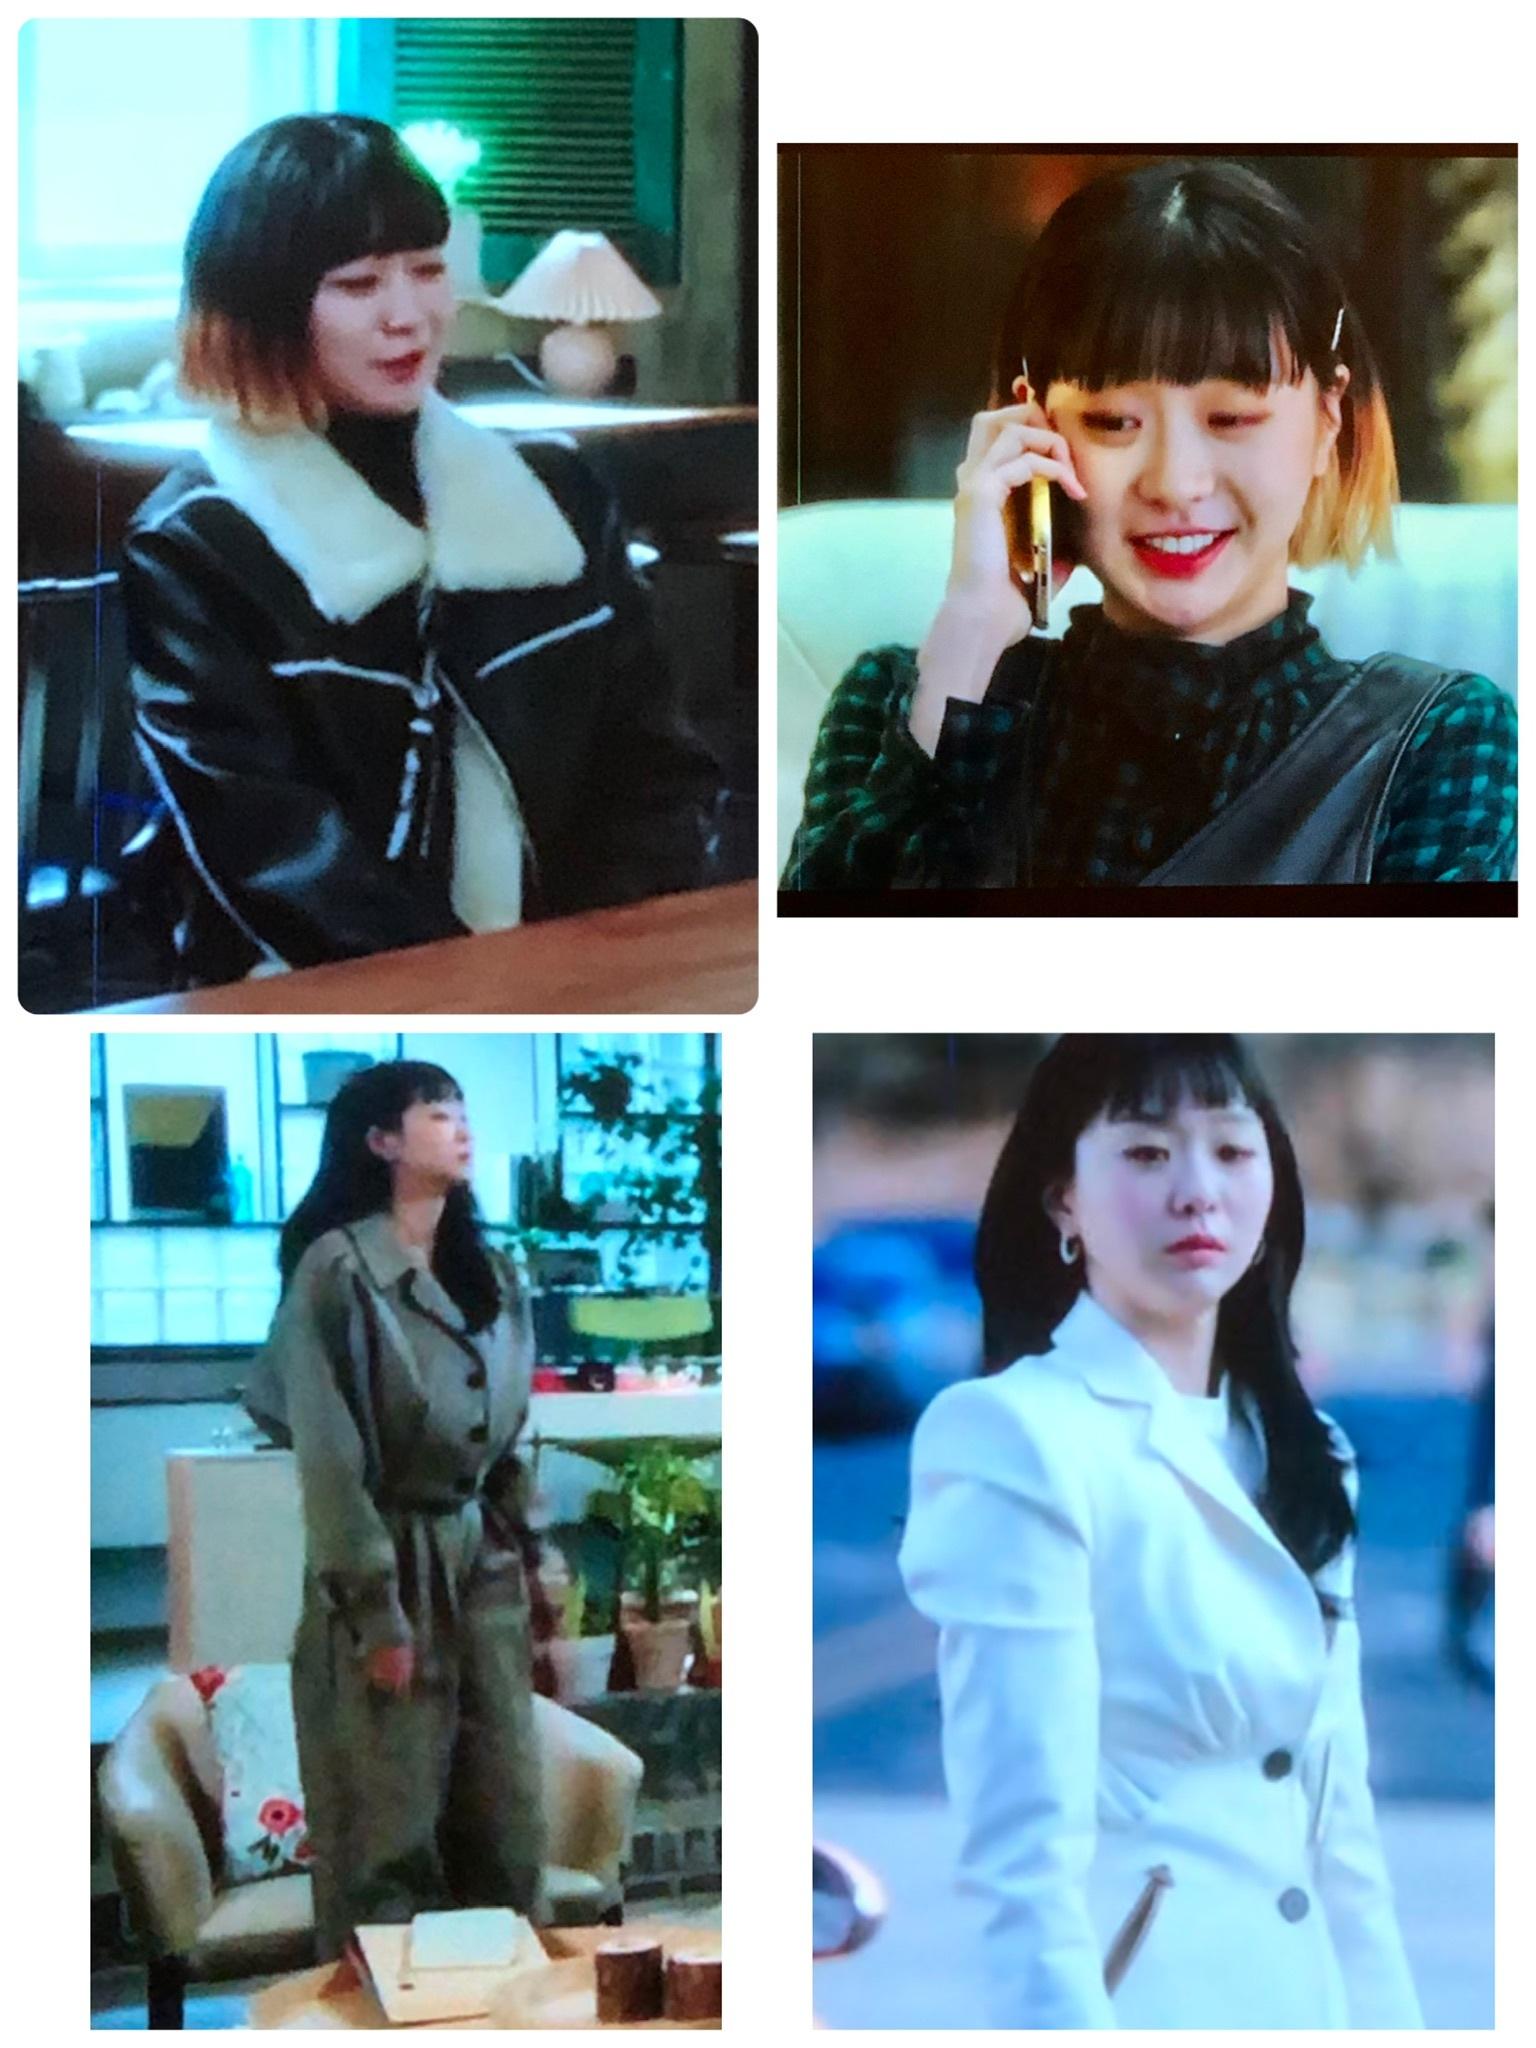 韓国ドラマで観るファッションチェック②_a0213806_17374243.jpeg